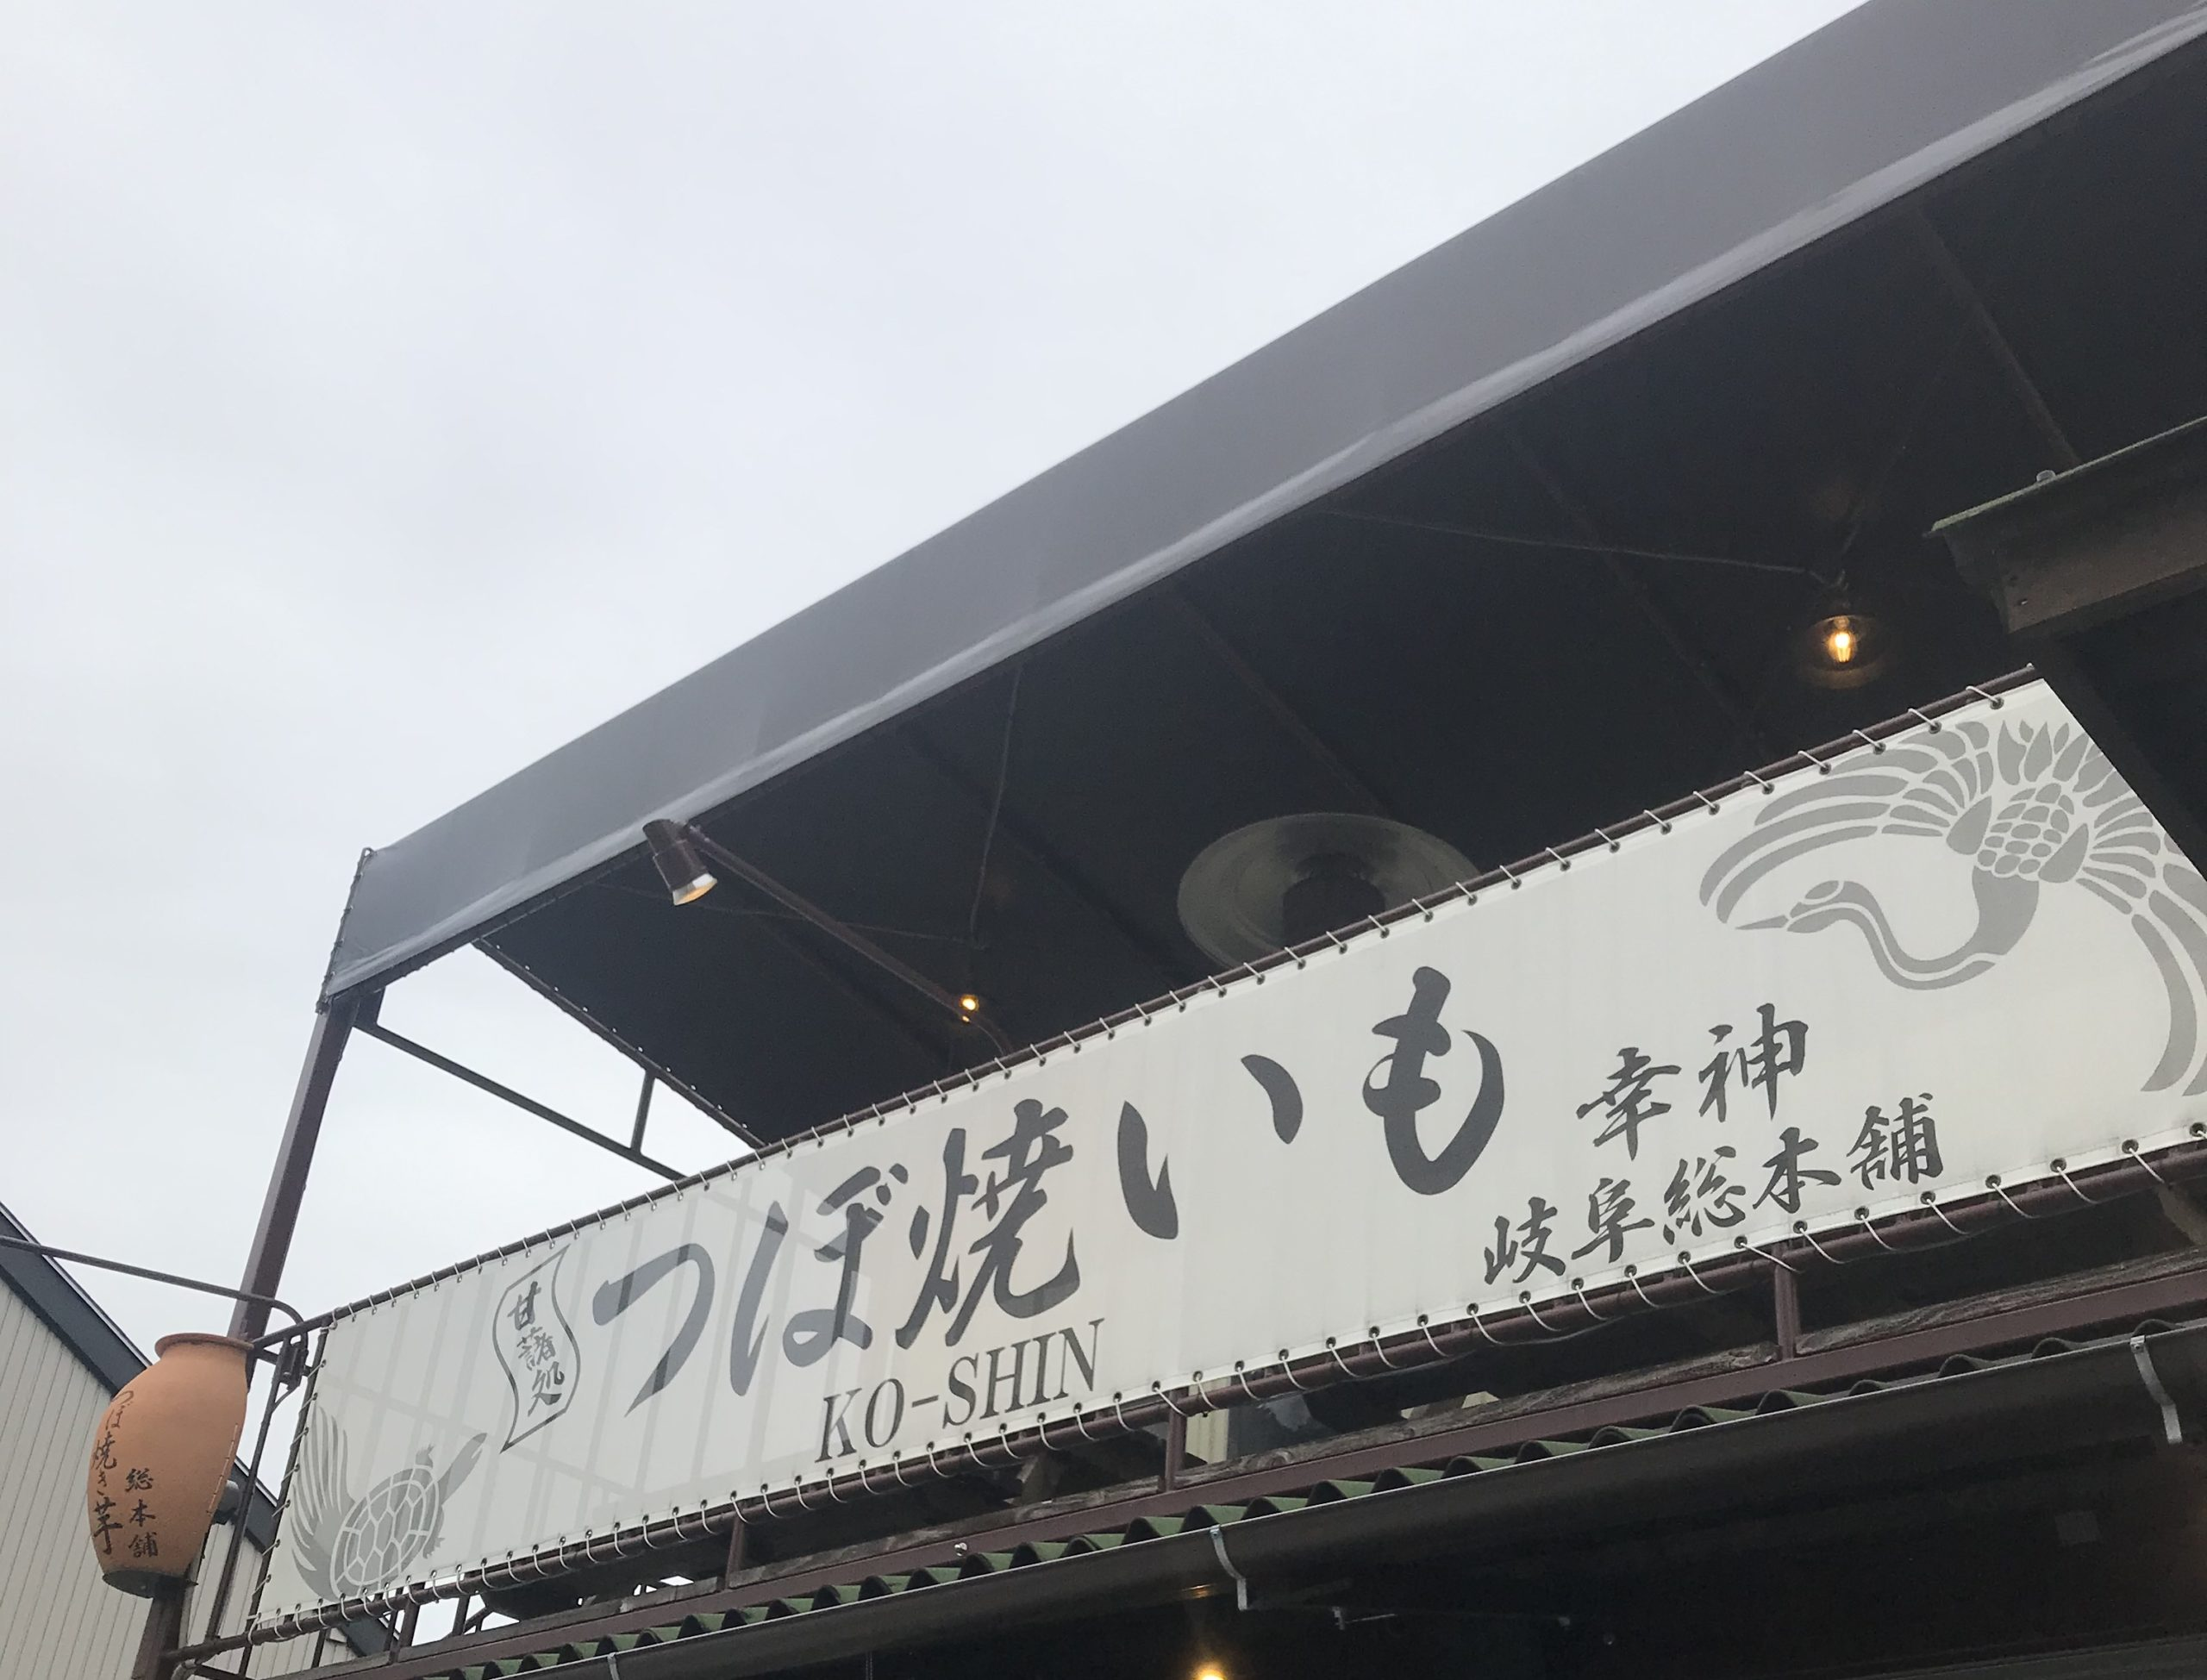 焼き芋 墨俣